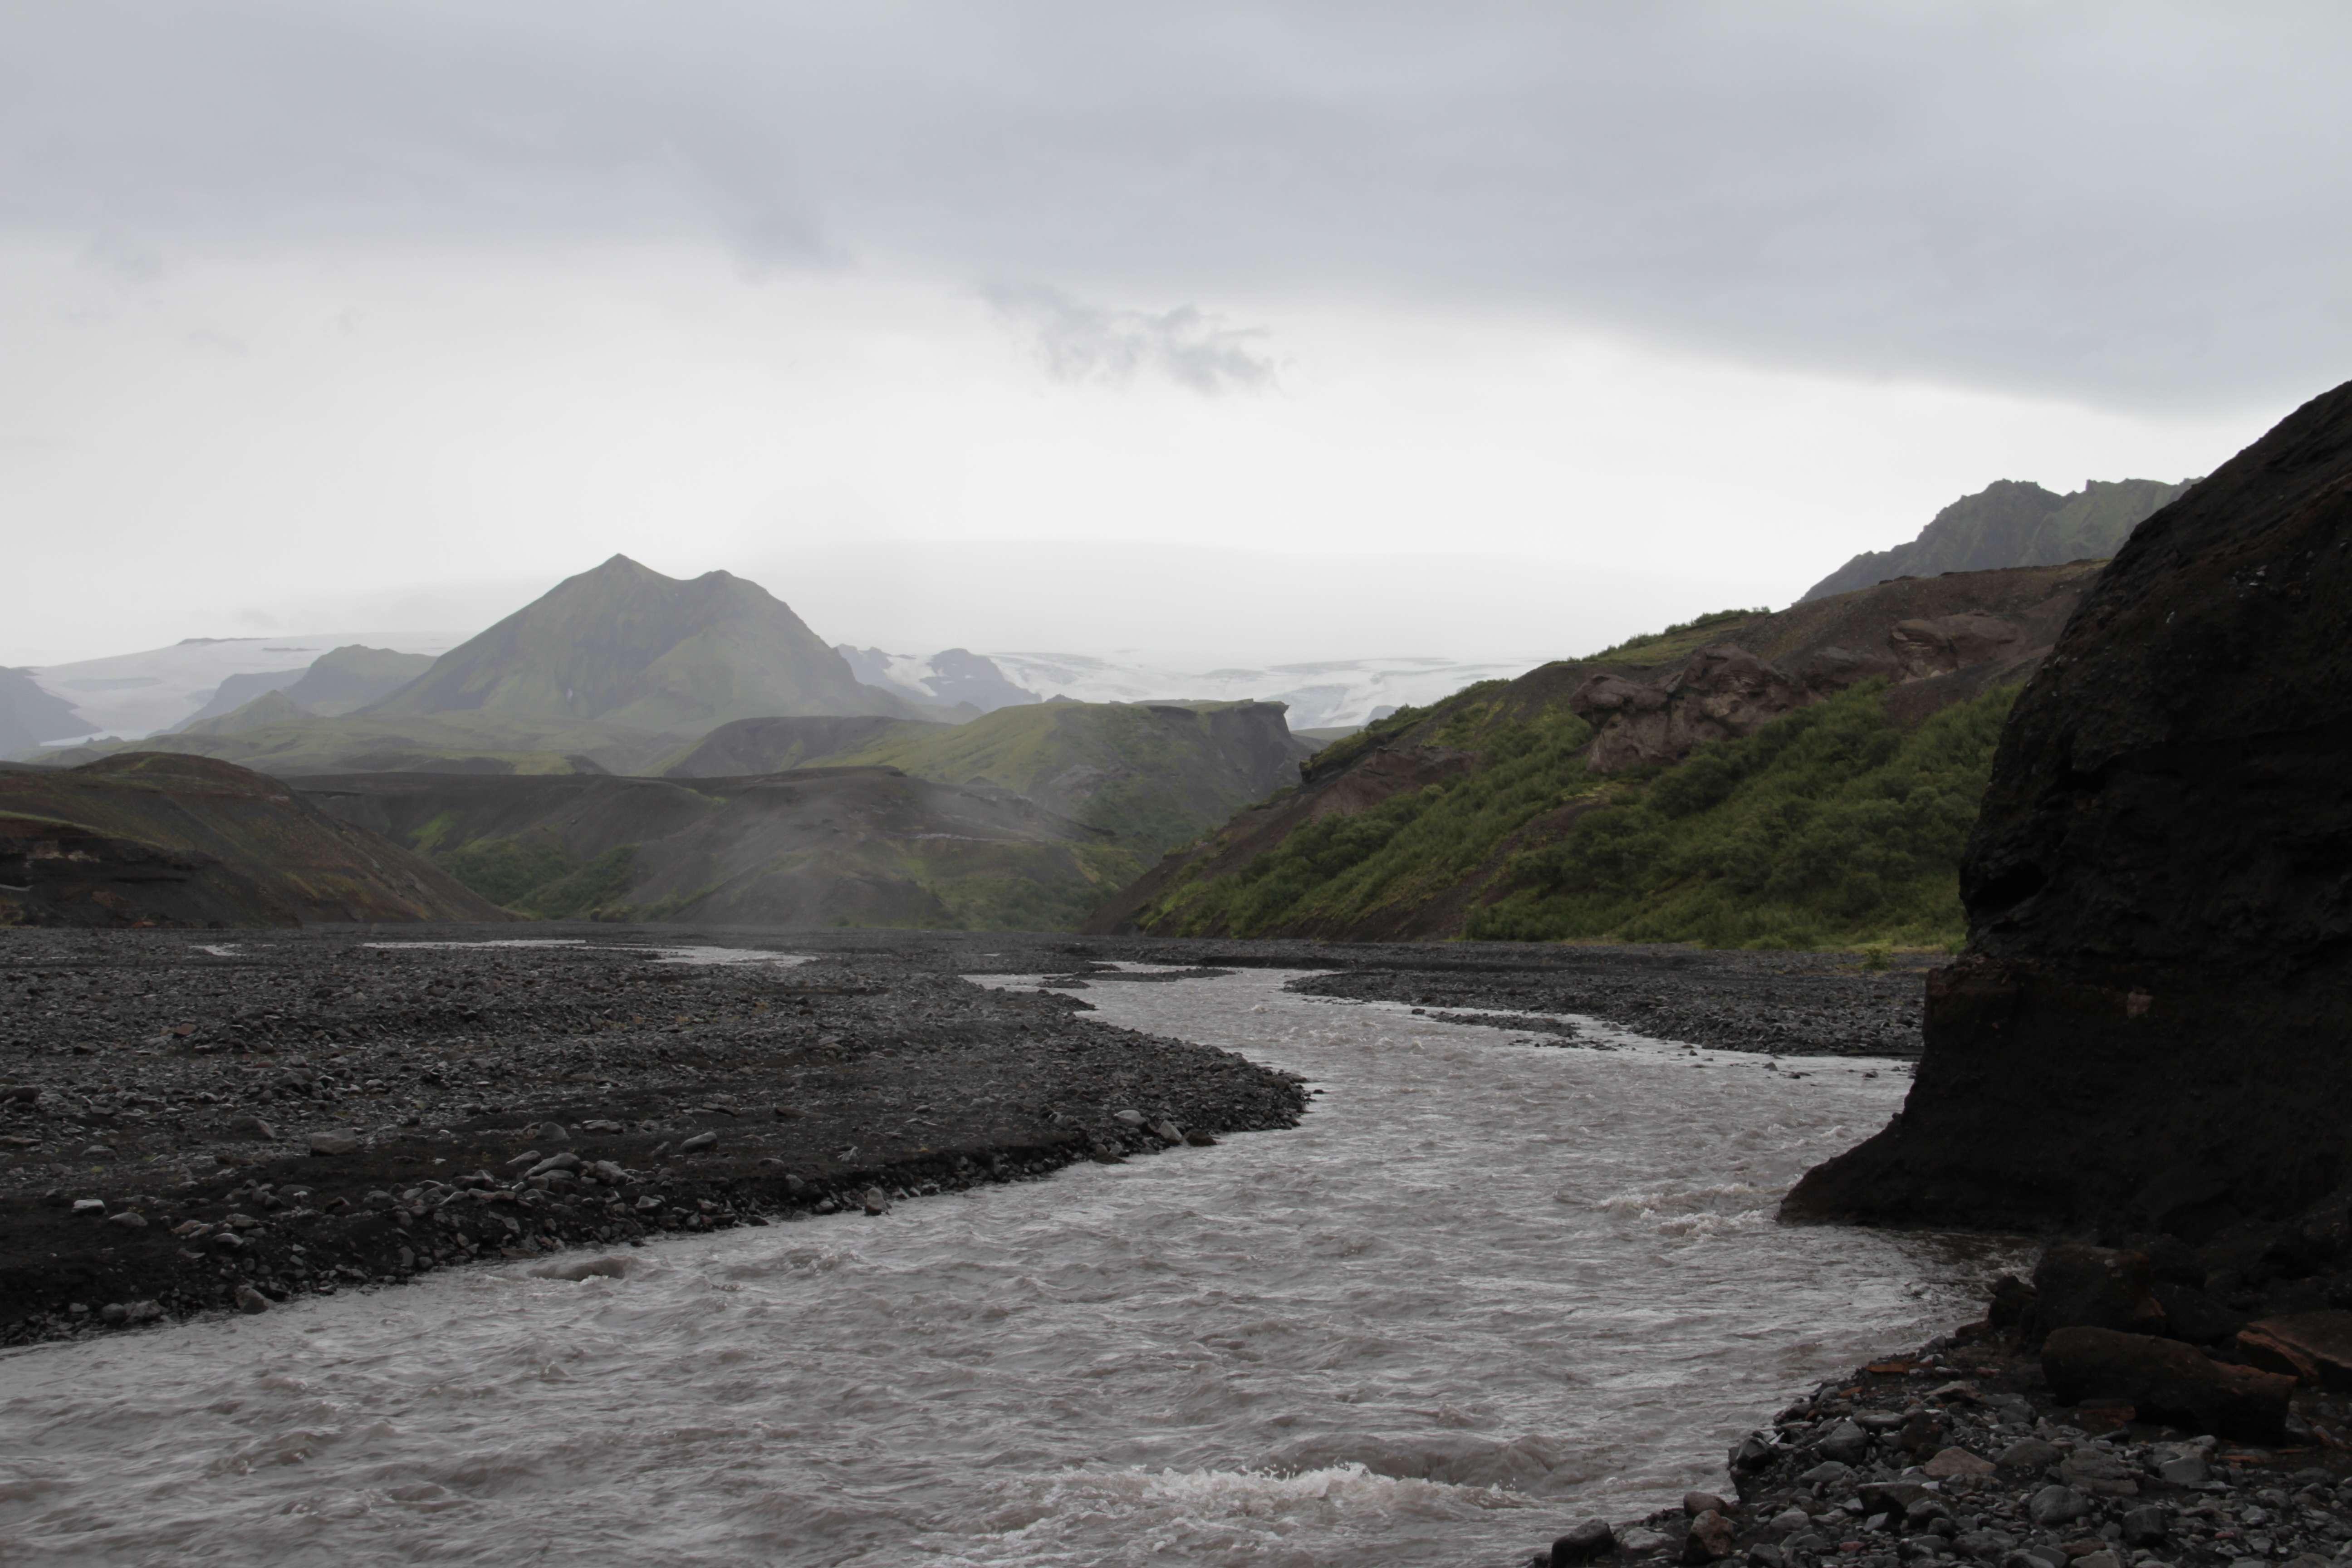 Islande_0628 trail jour 3 Emstrur-Porsmork 19 juillet